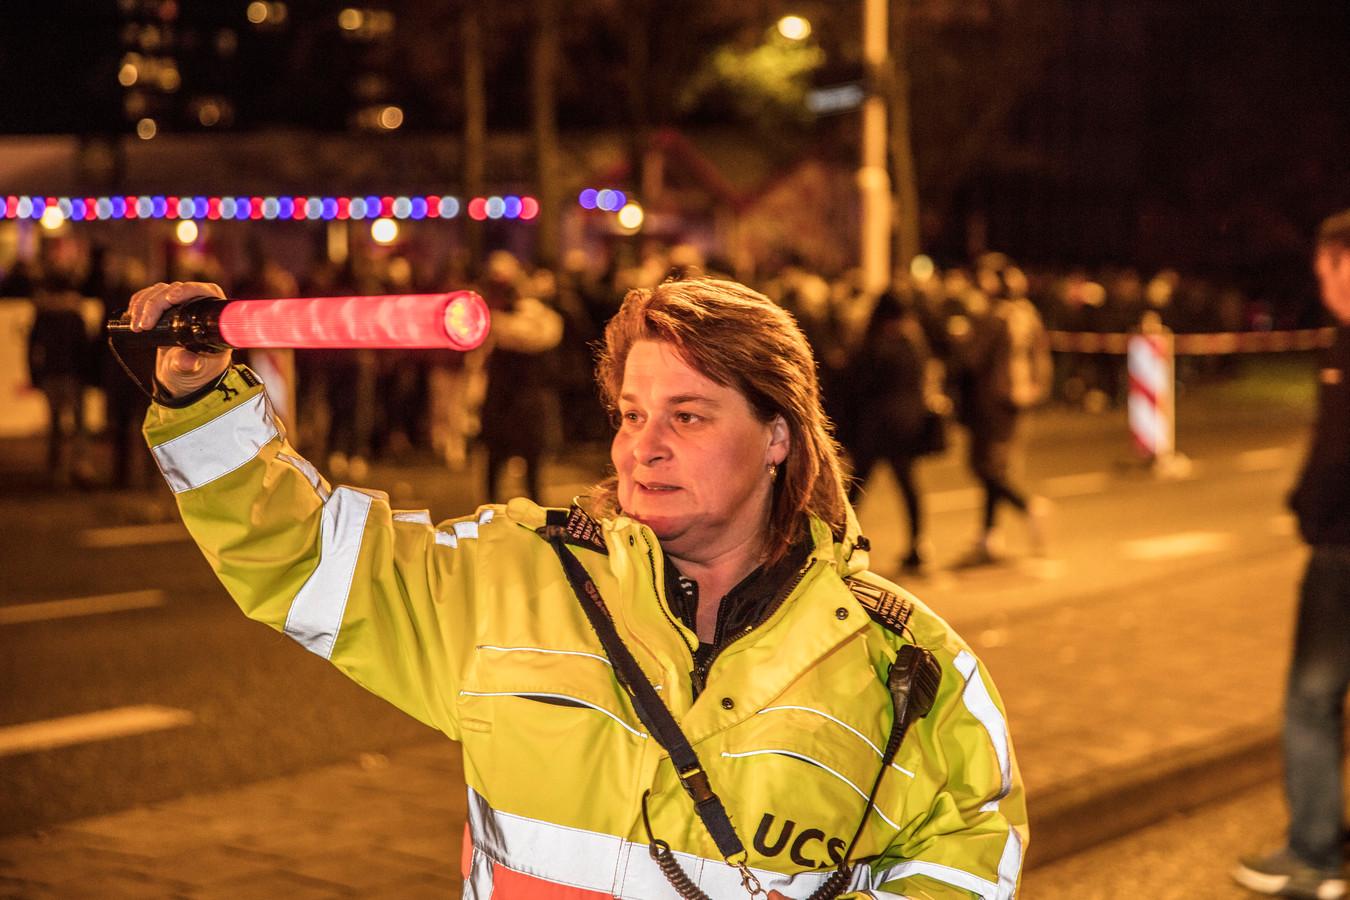 Verkeersregelaar Nicole Walschots.